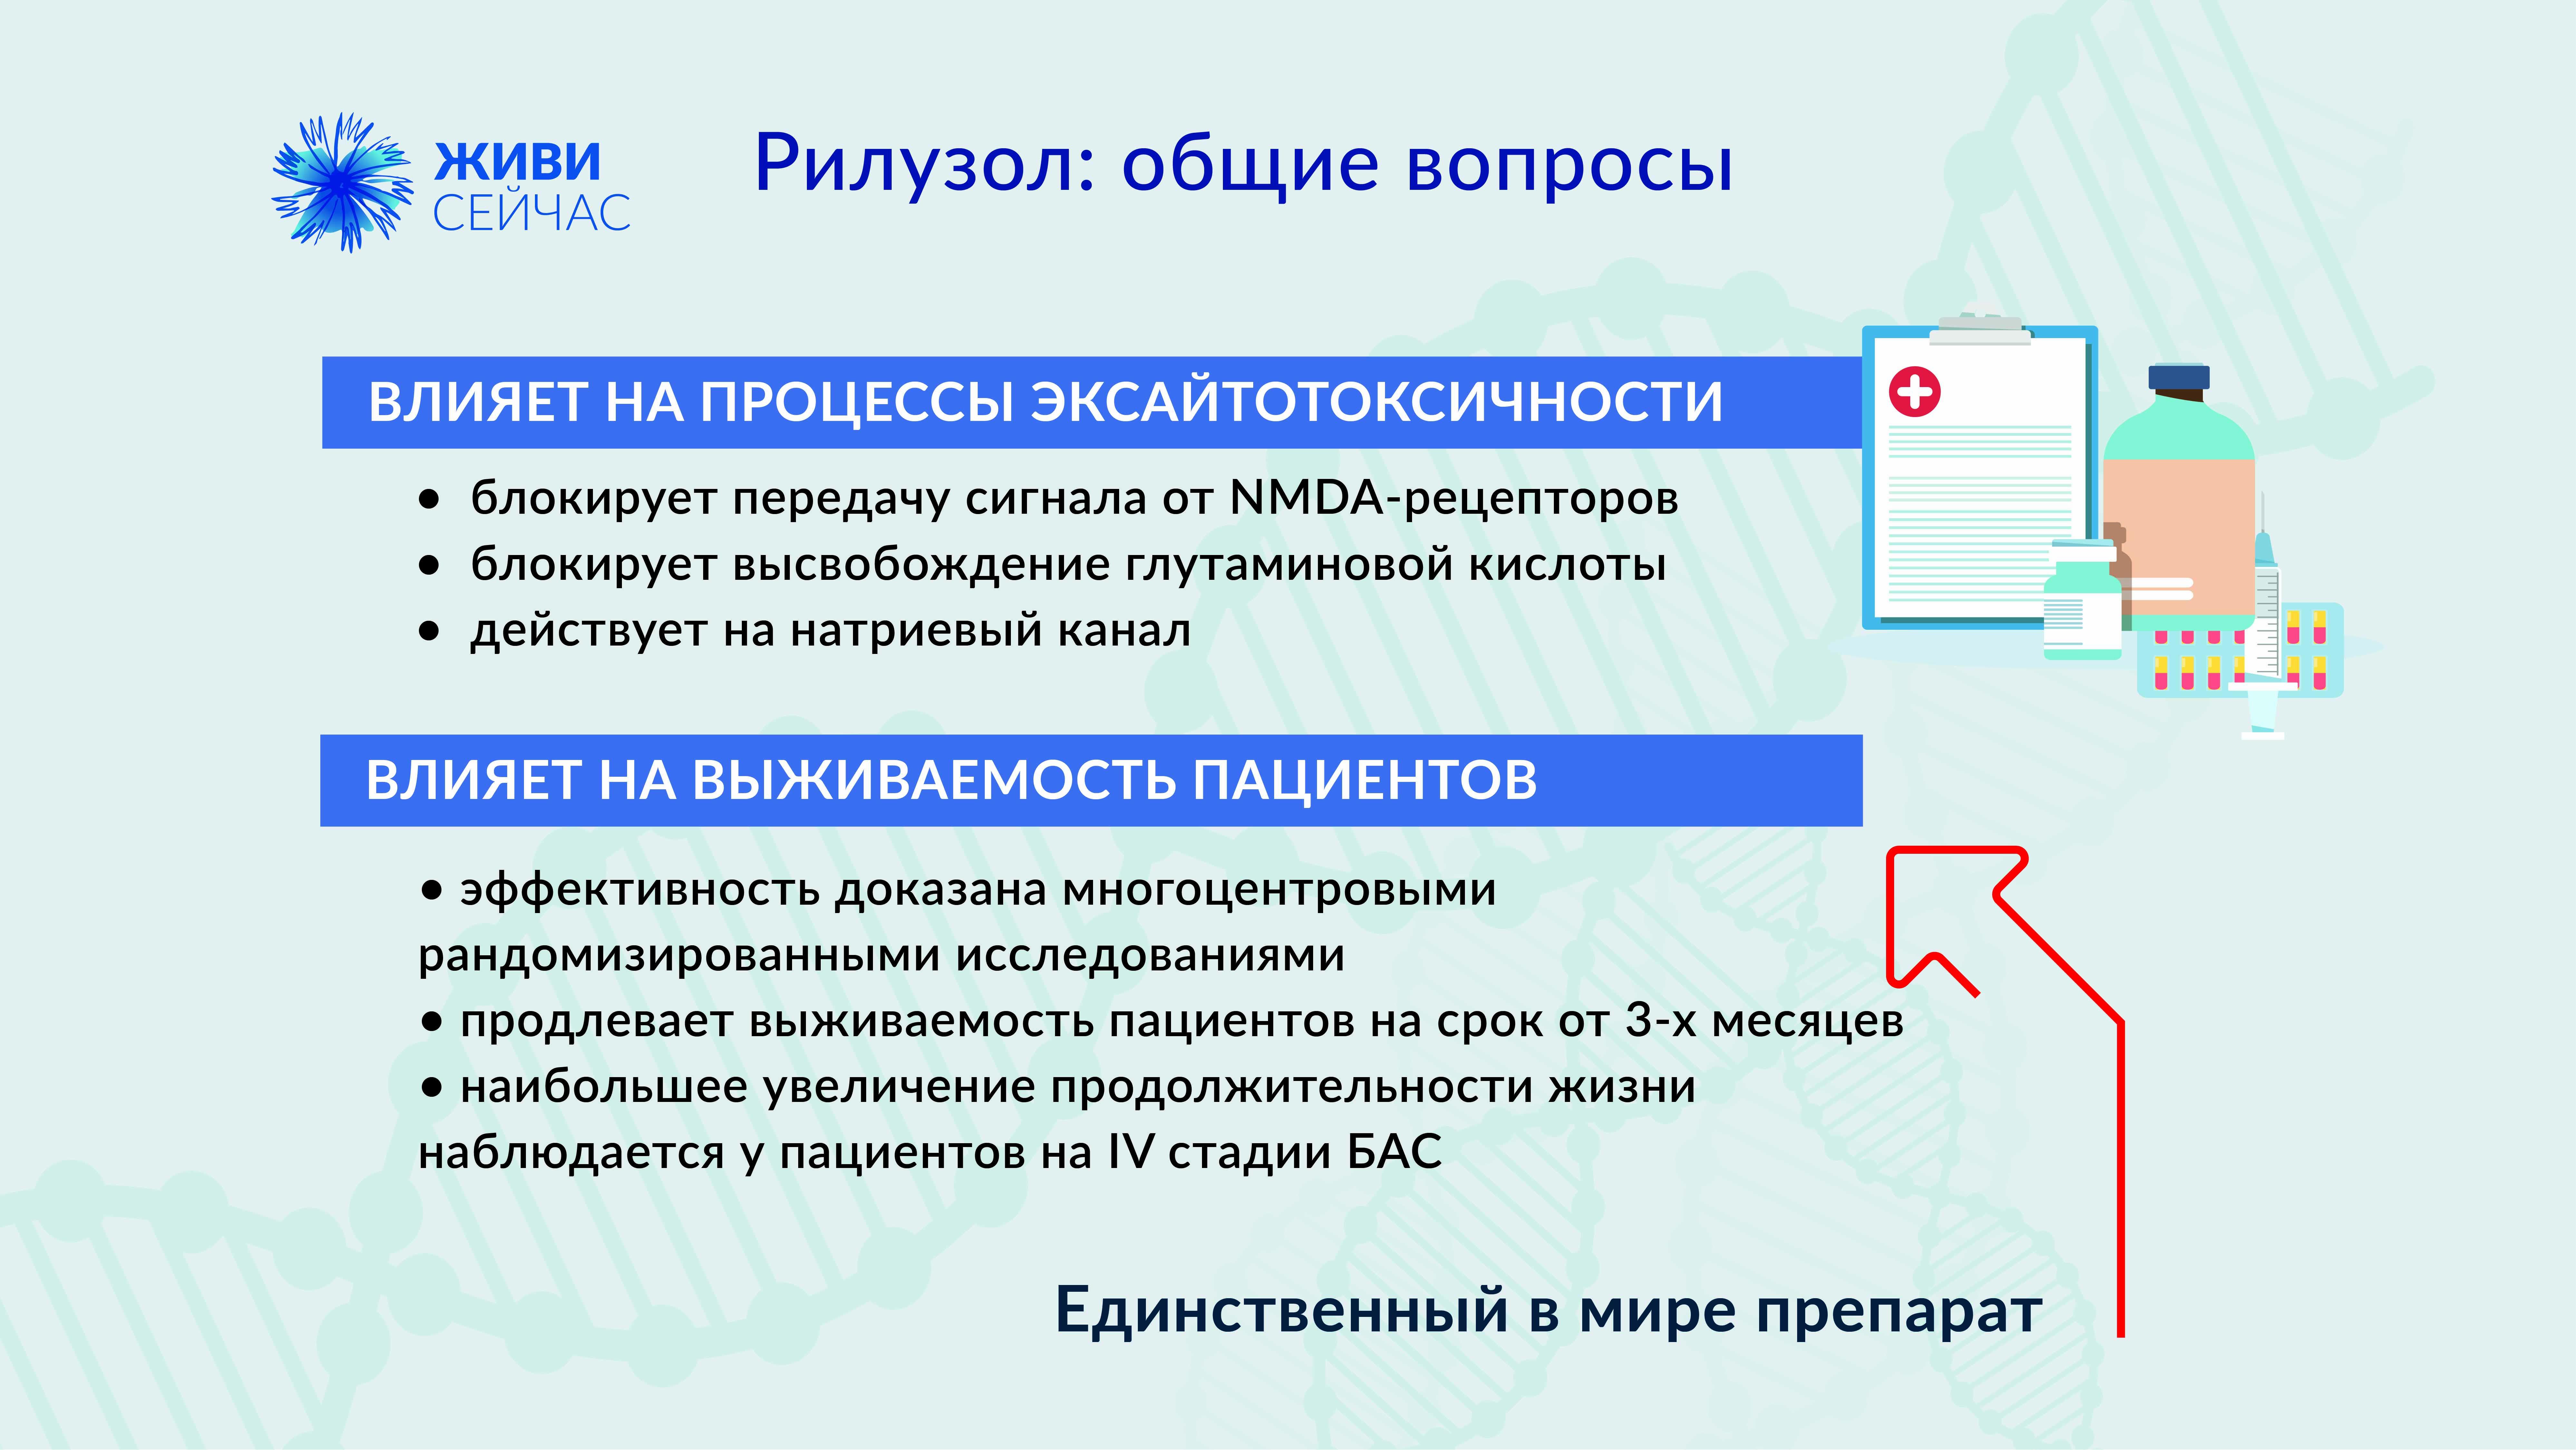 2019-11-12-riluzol-2